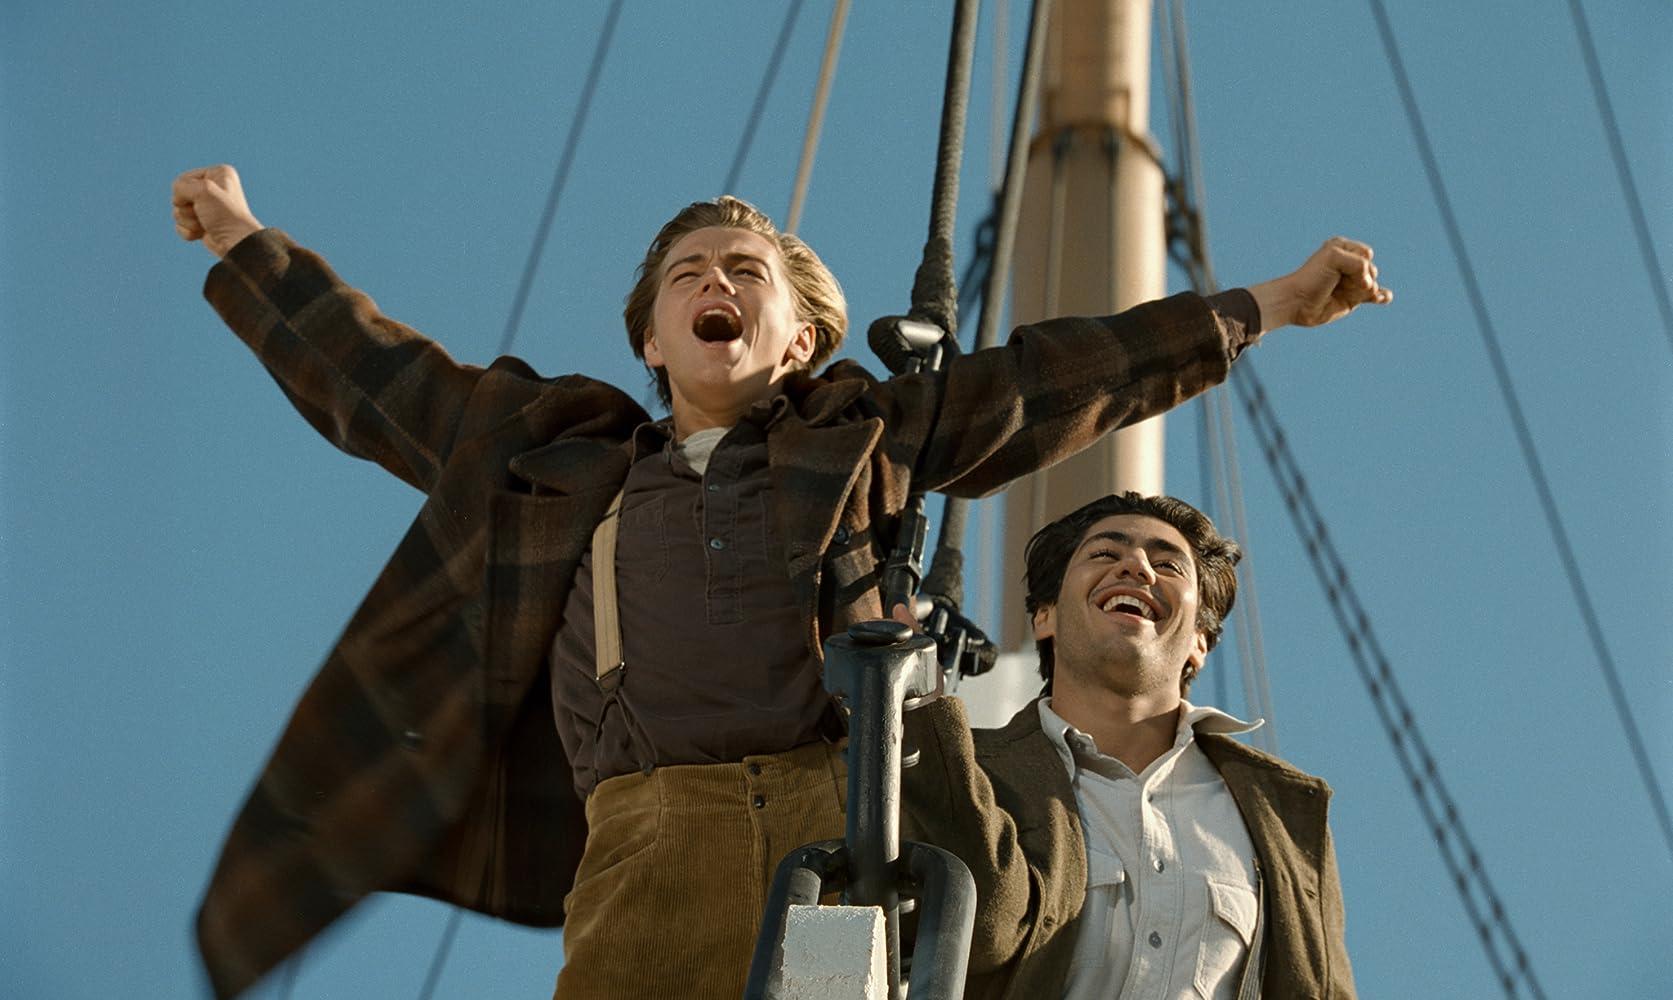 Leonardo DiCaprio and Danny Nucci in Titanic (1997)